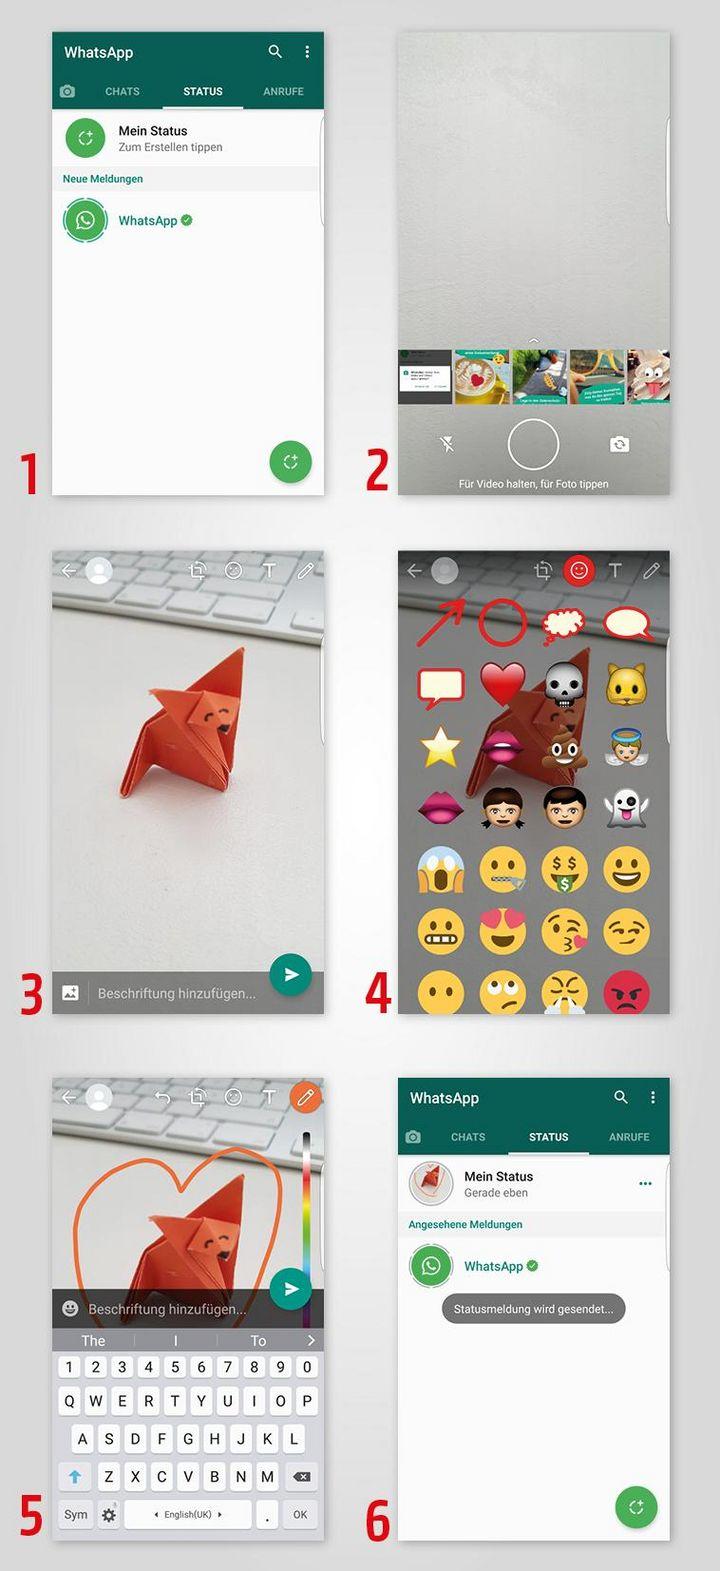 Whatsapp So Erstellen Sie Statusmeldungen Ihren Status In